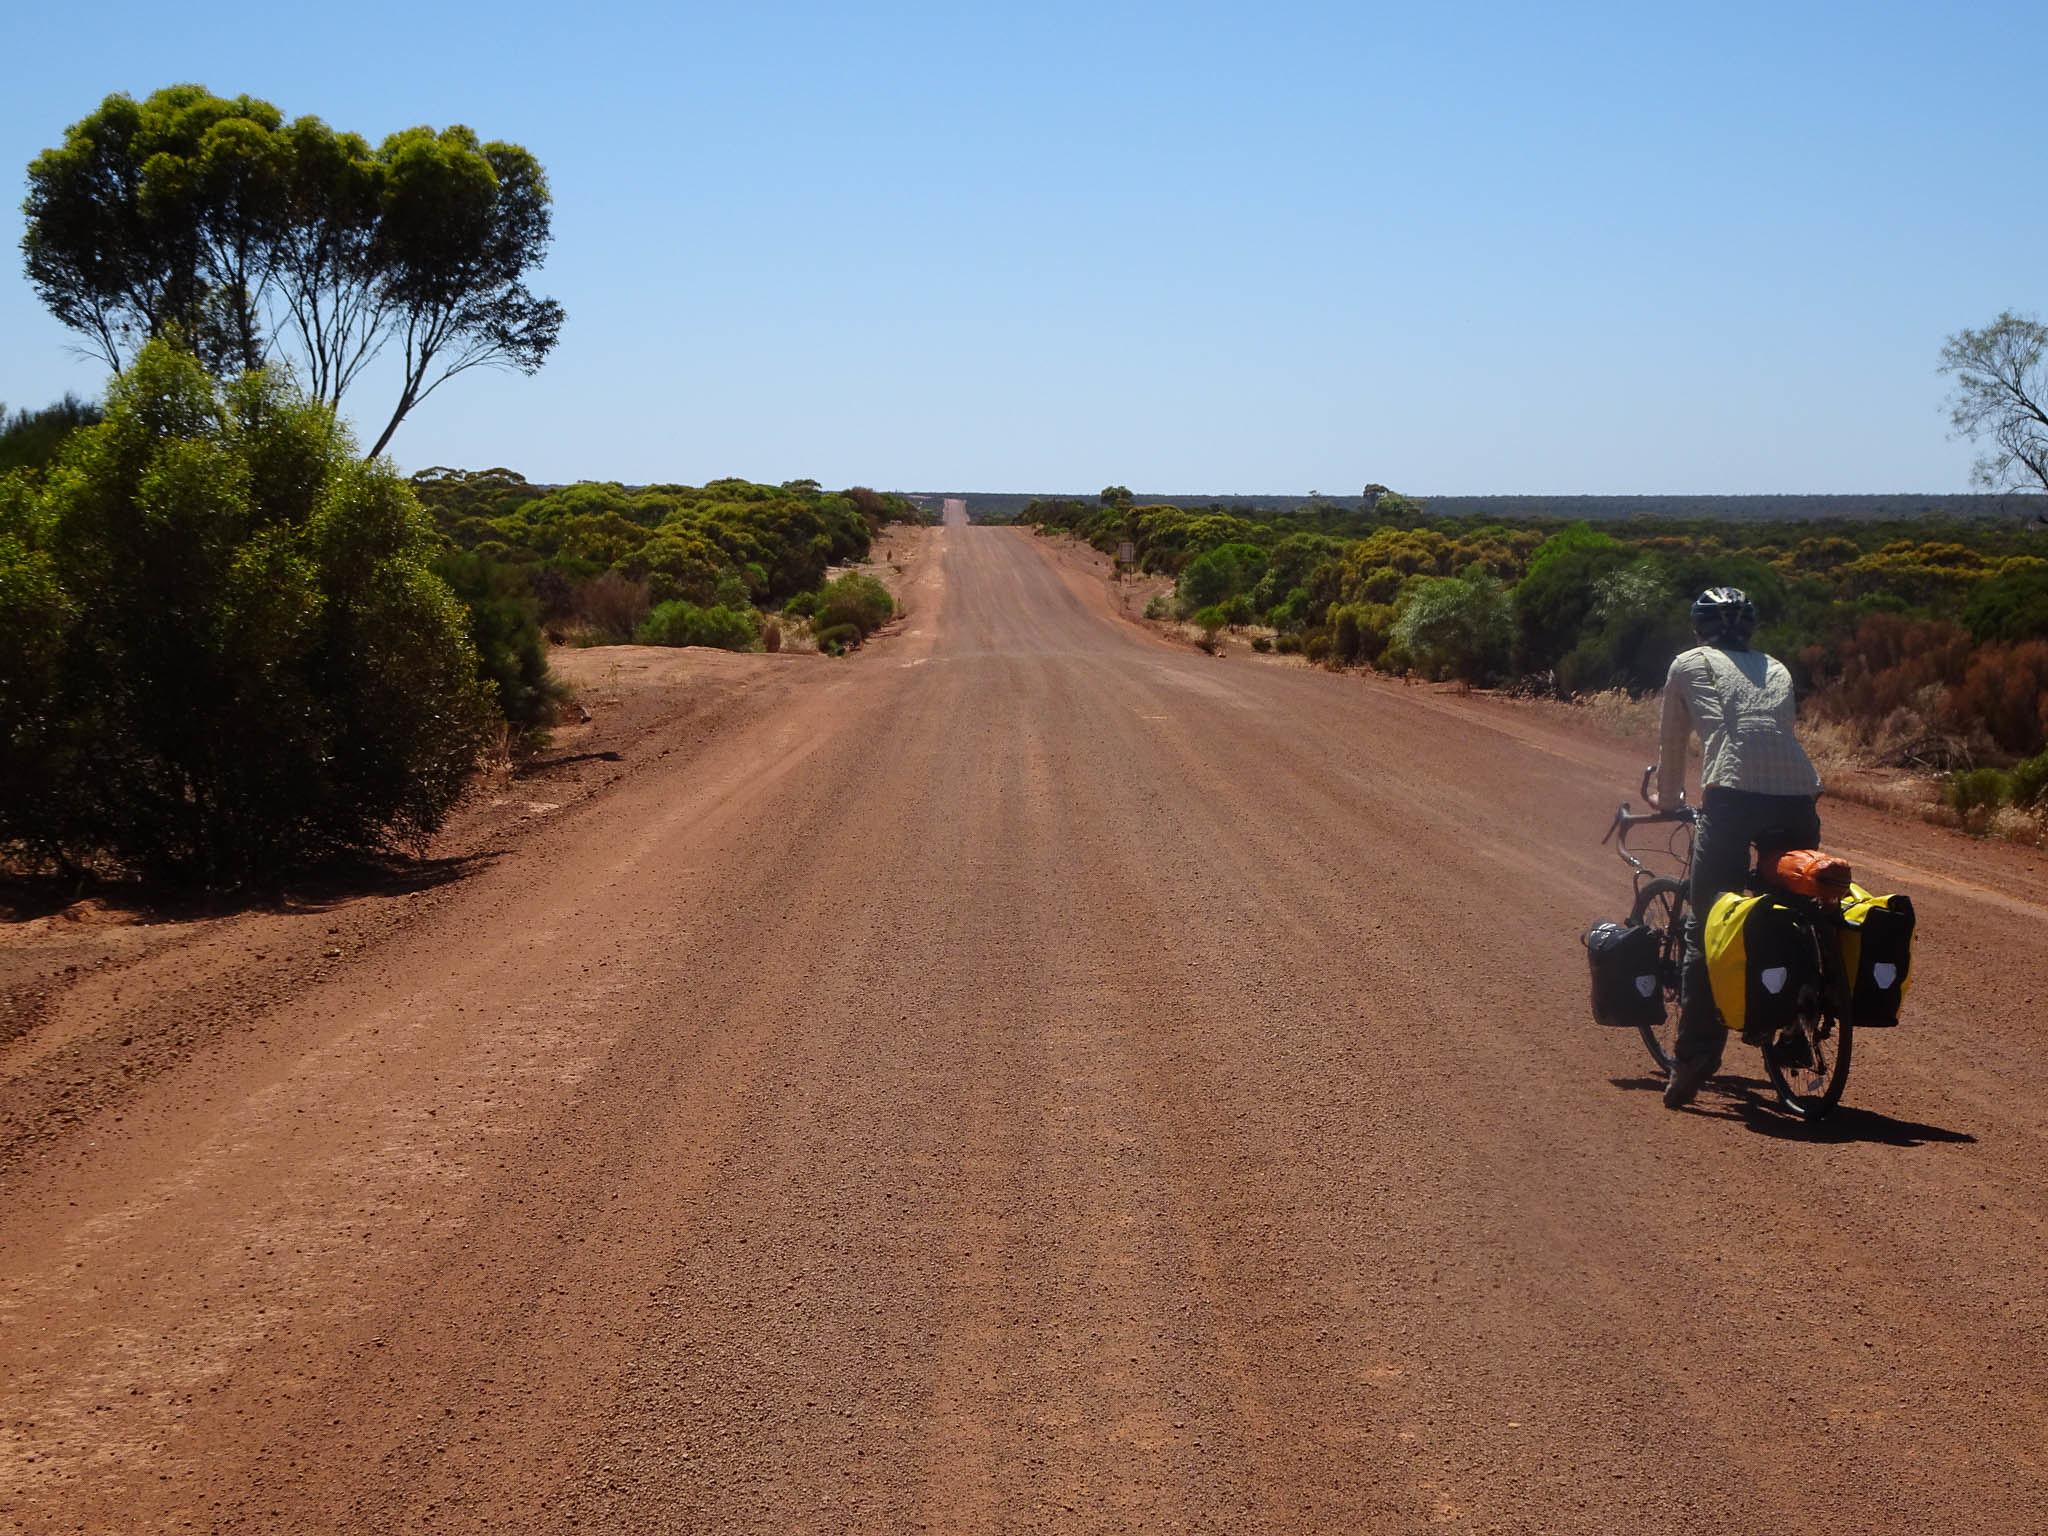 de4fbe766 Our Route Across Australia